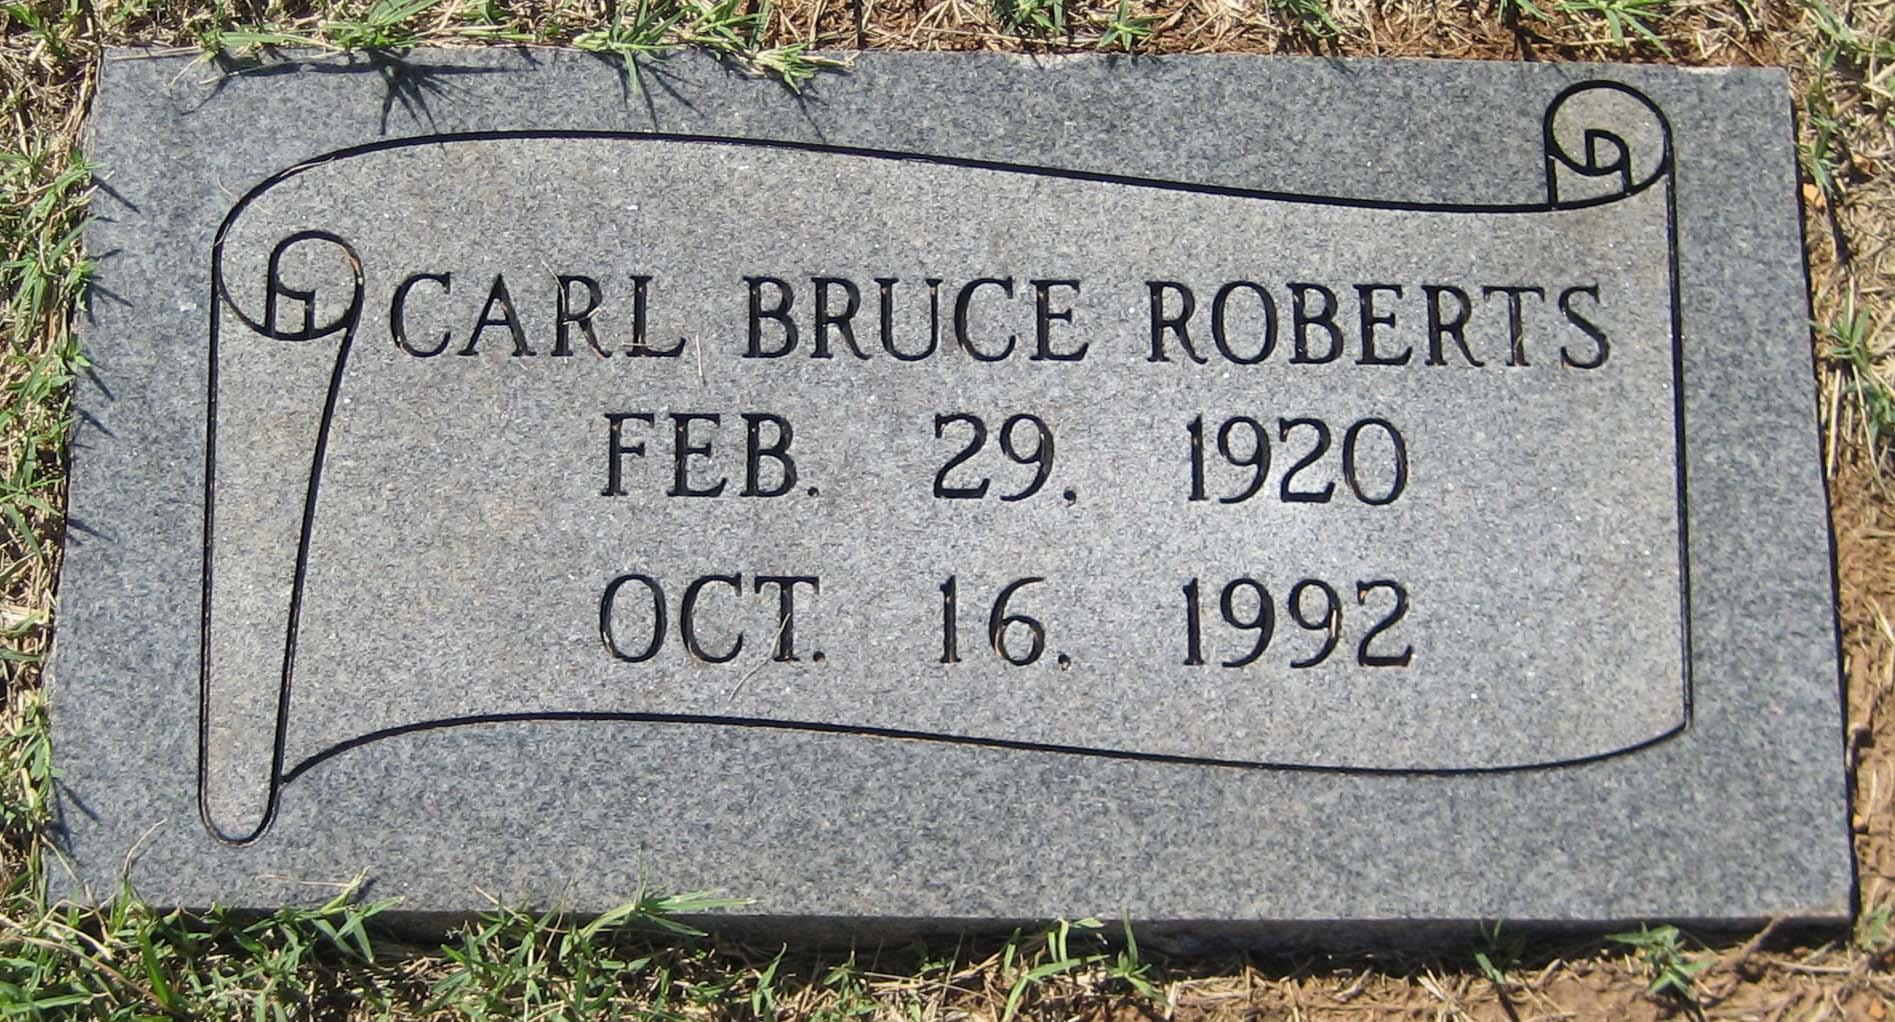 Carl Bruce Roberts